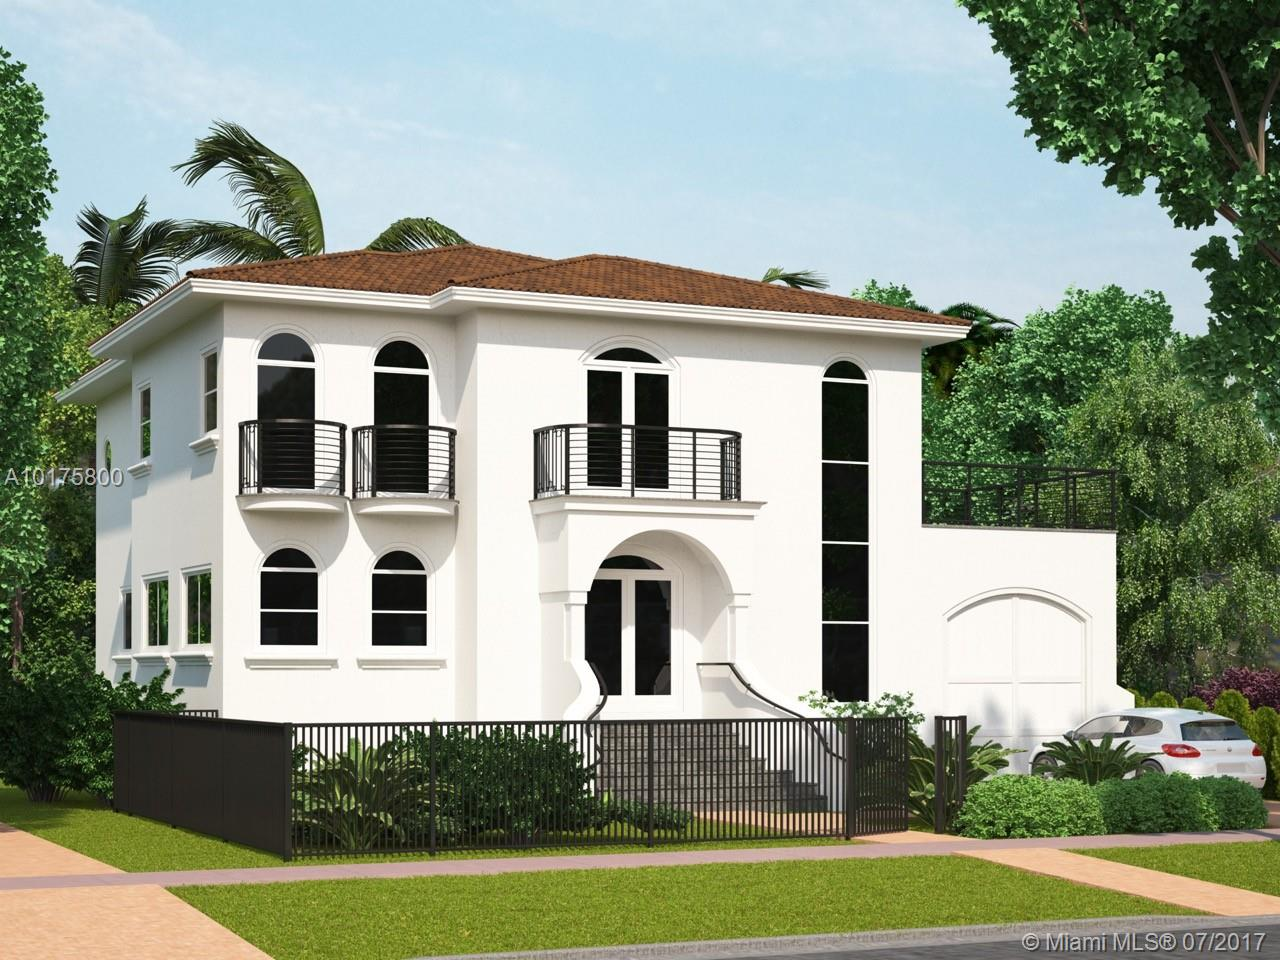 Acheter maison usa acheter une maison en californie for Acheter maison miami